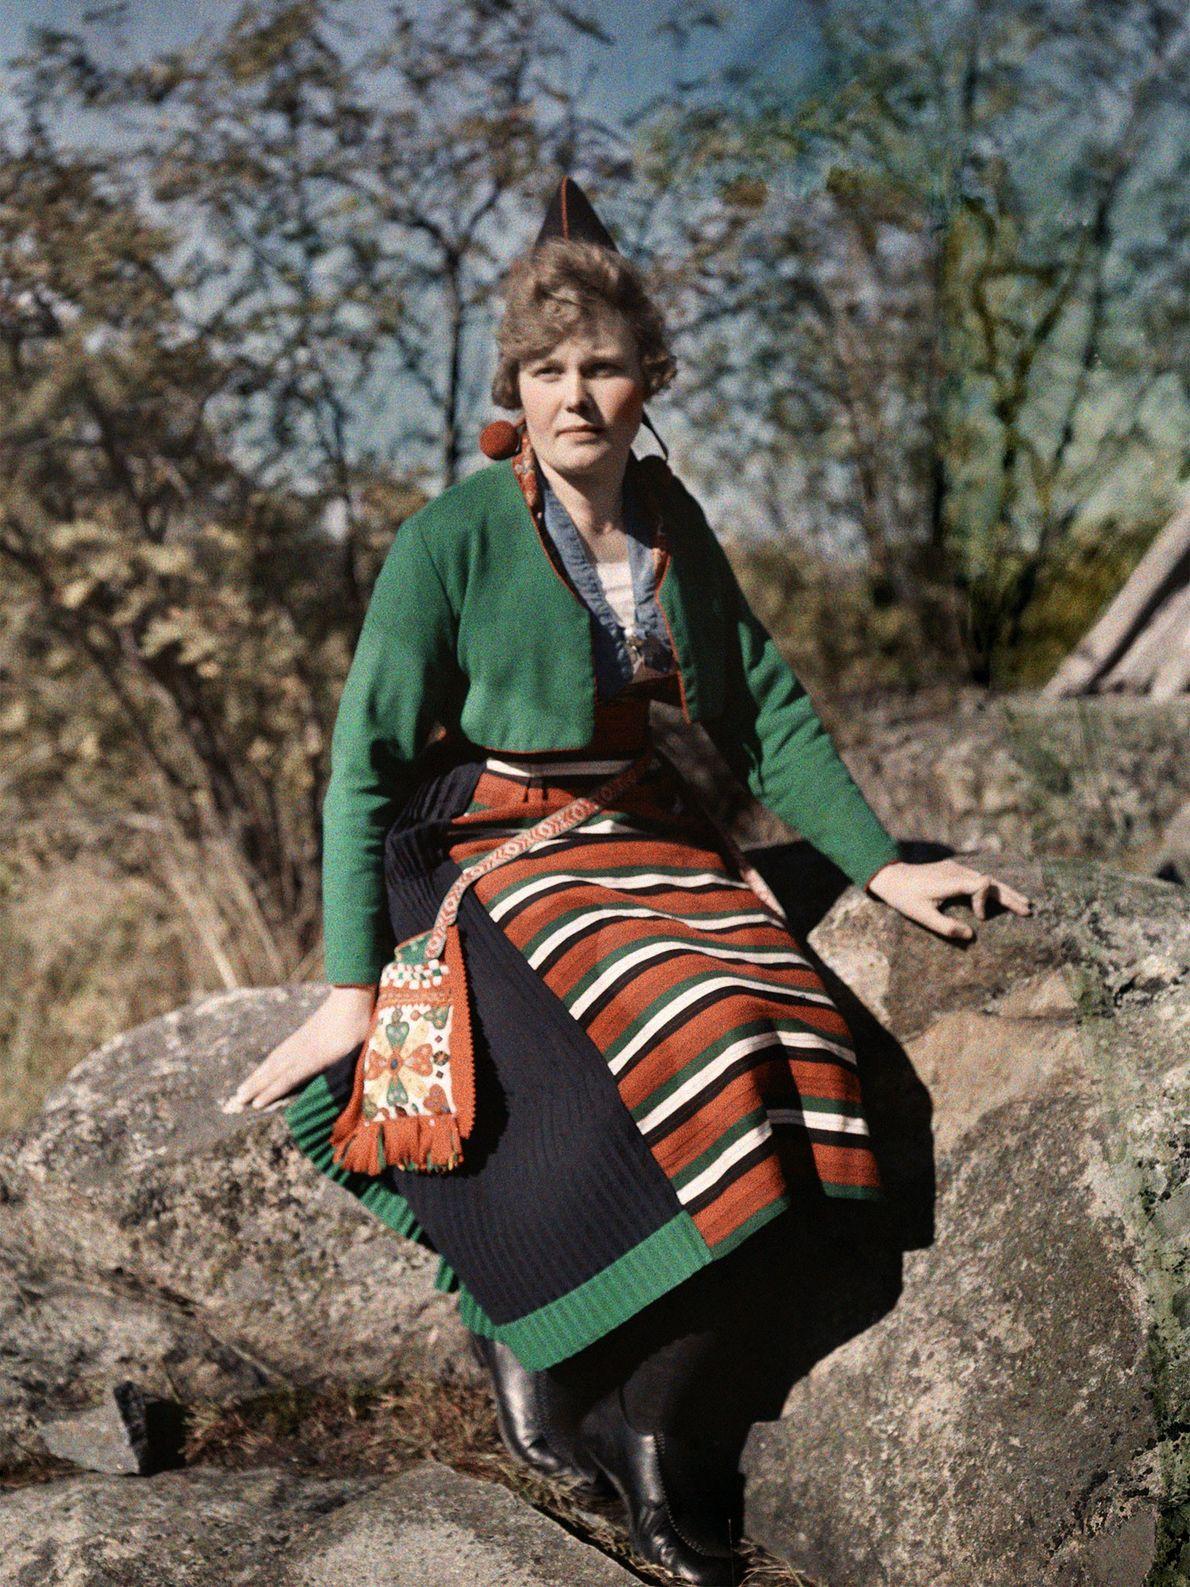 Eine Frau aus Rattvik in Schweden posiert auf einem Felsen im Wald. Sie trägt einen kleinen ...